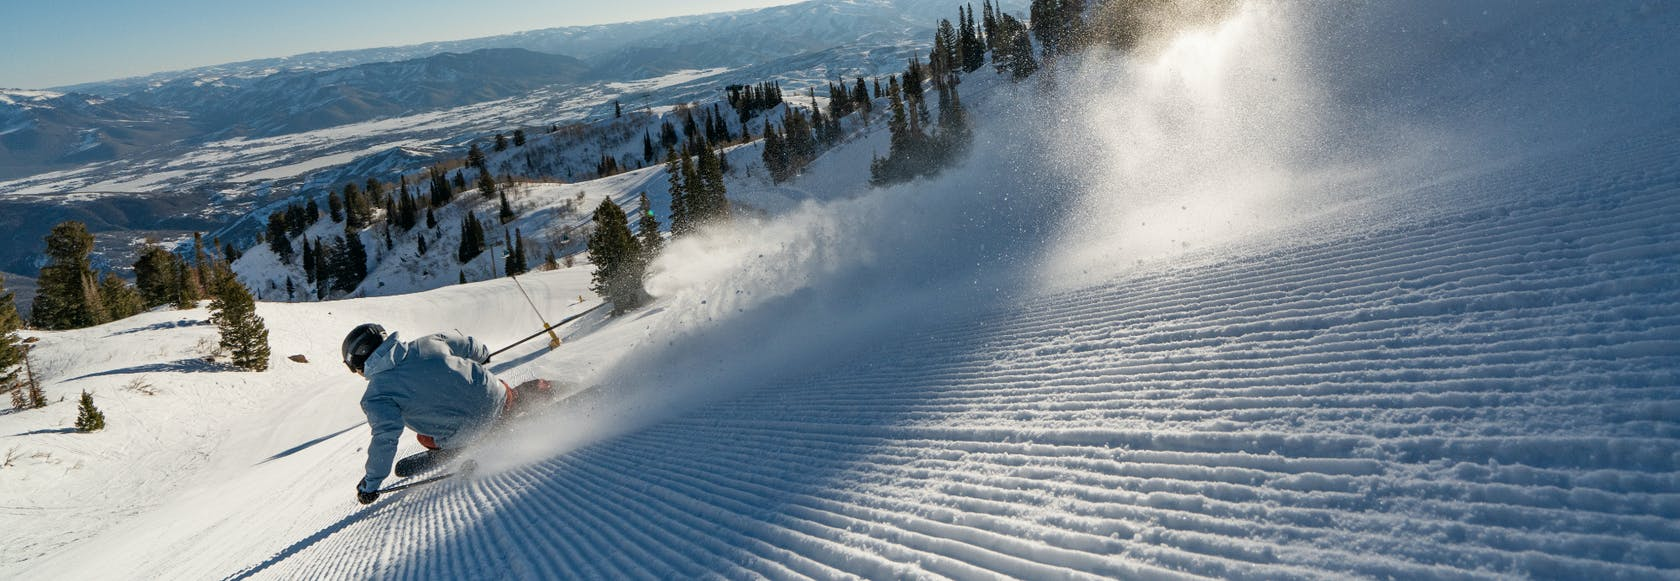 Salomon scialpinismo e sci alpino